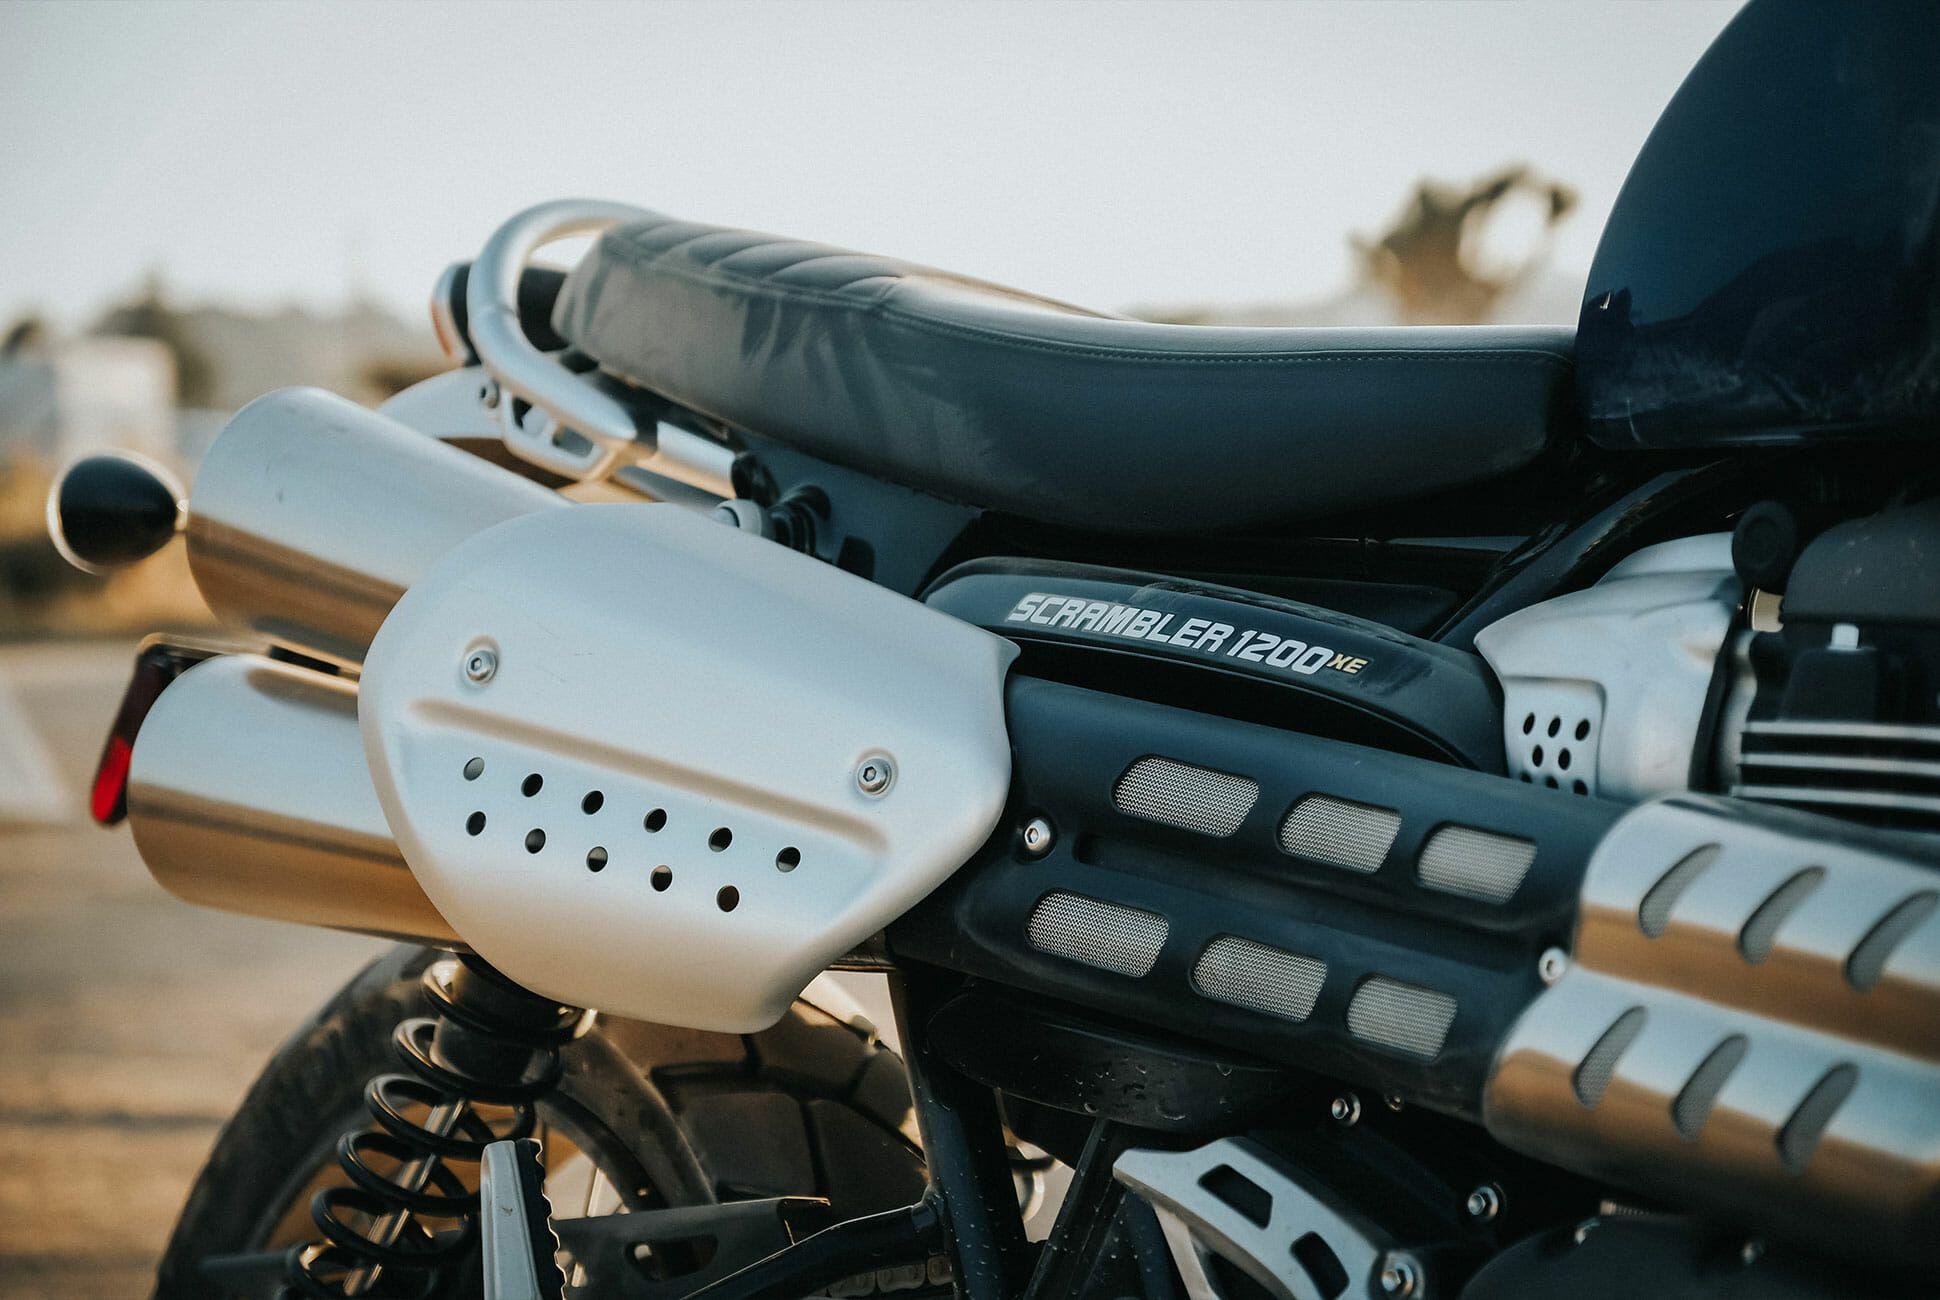 2019-Triumph-Scrambler-1200-XE-Review-Gear-Patrol-slide-3